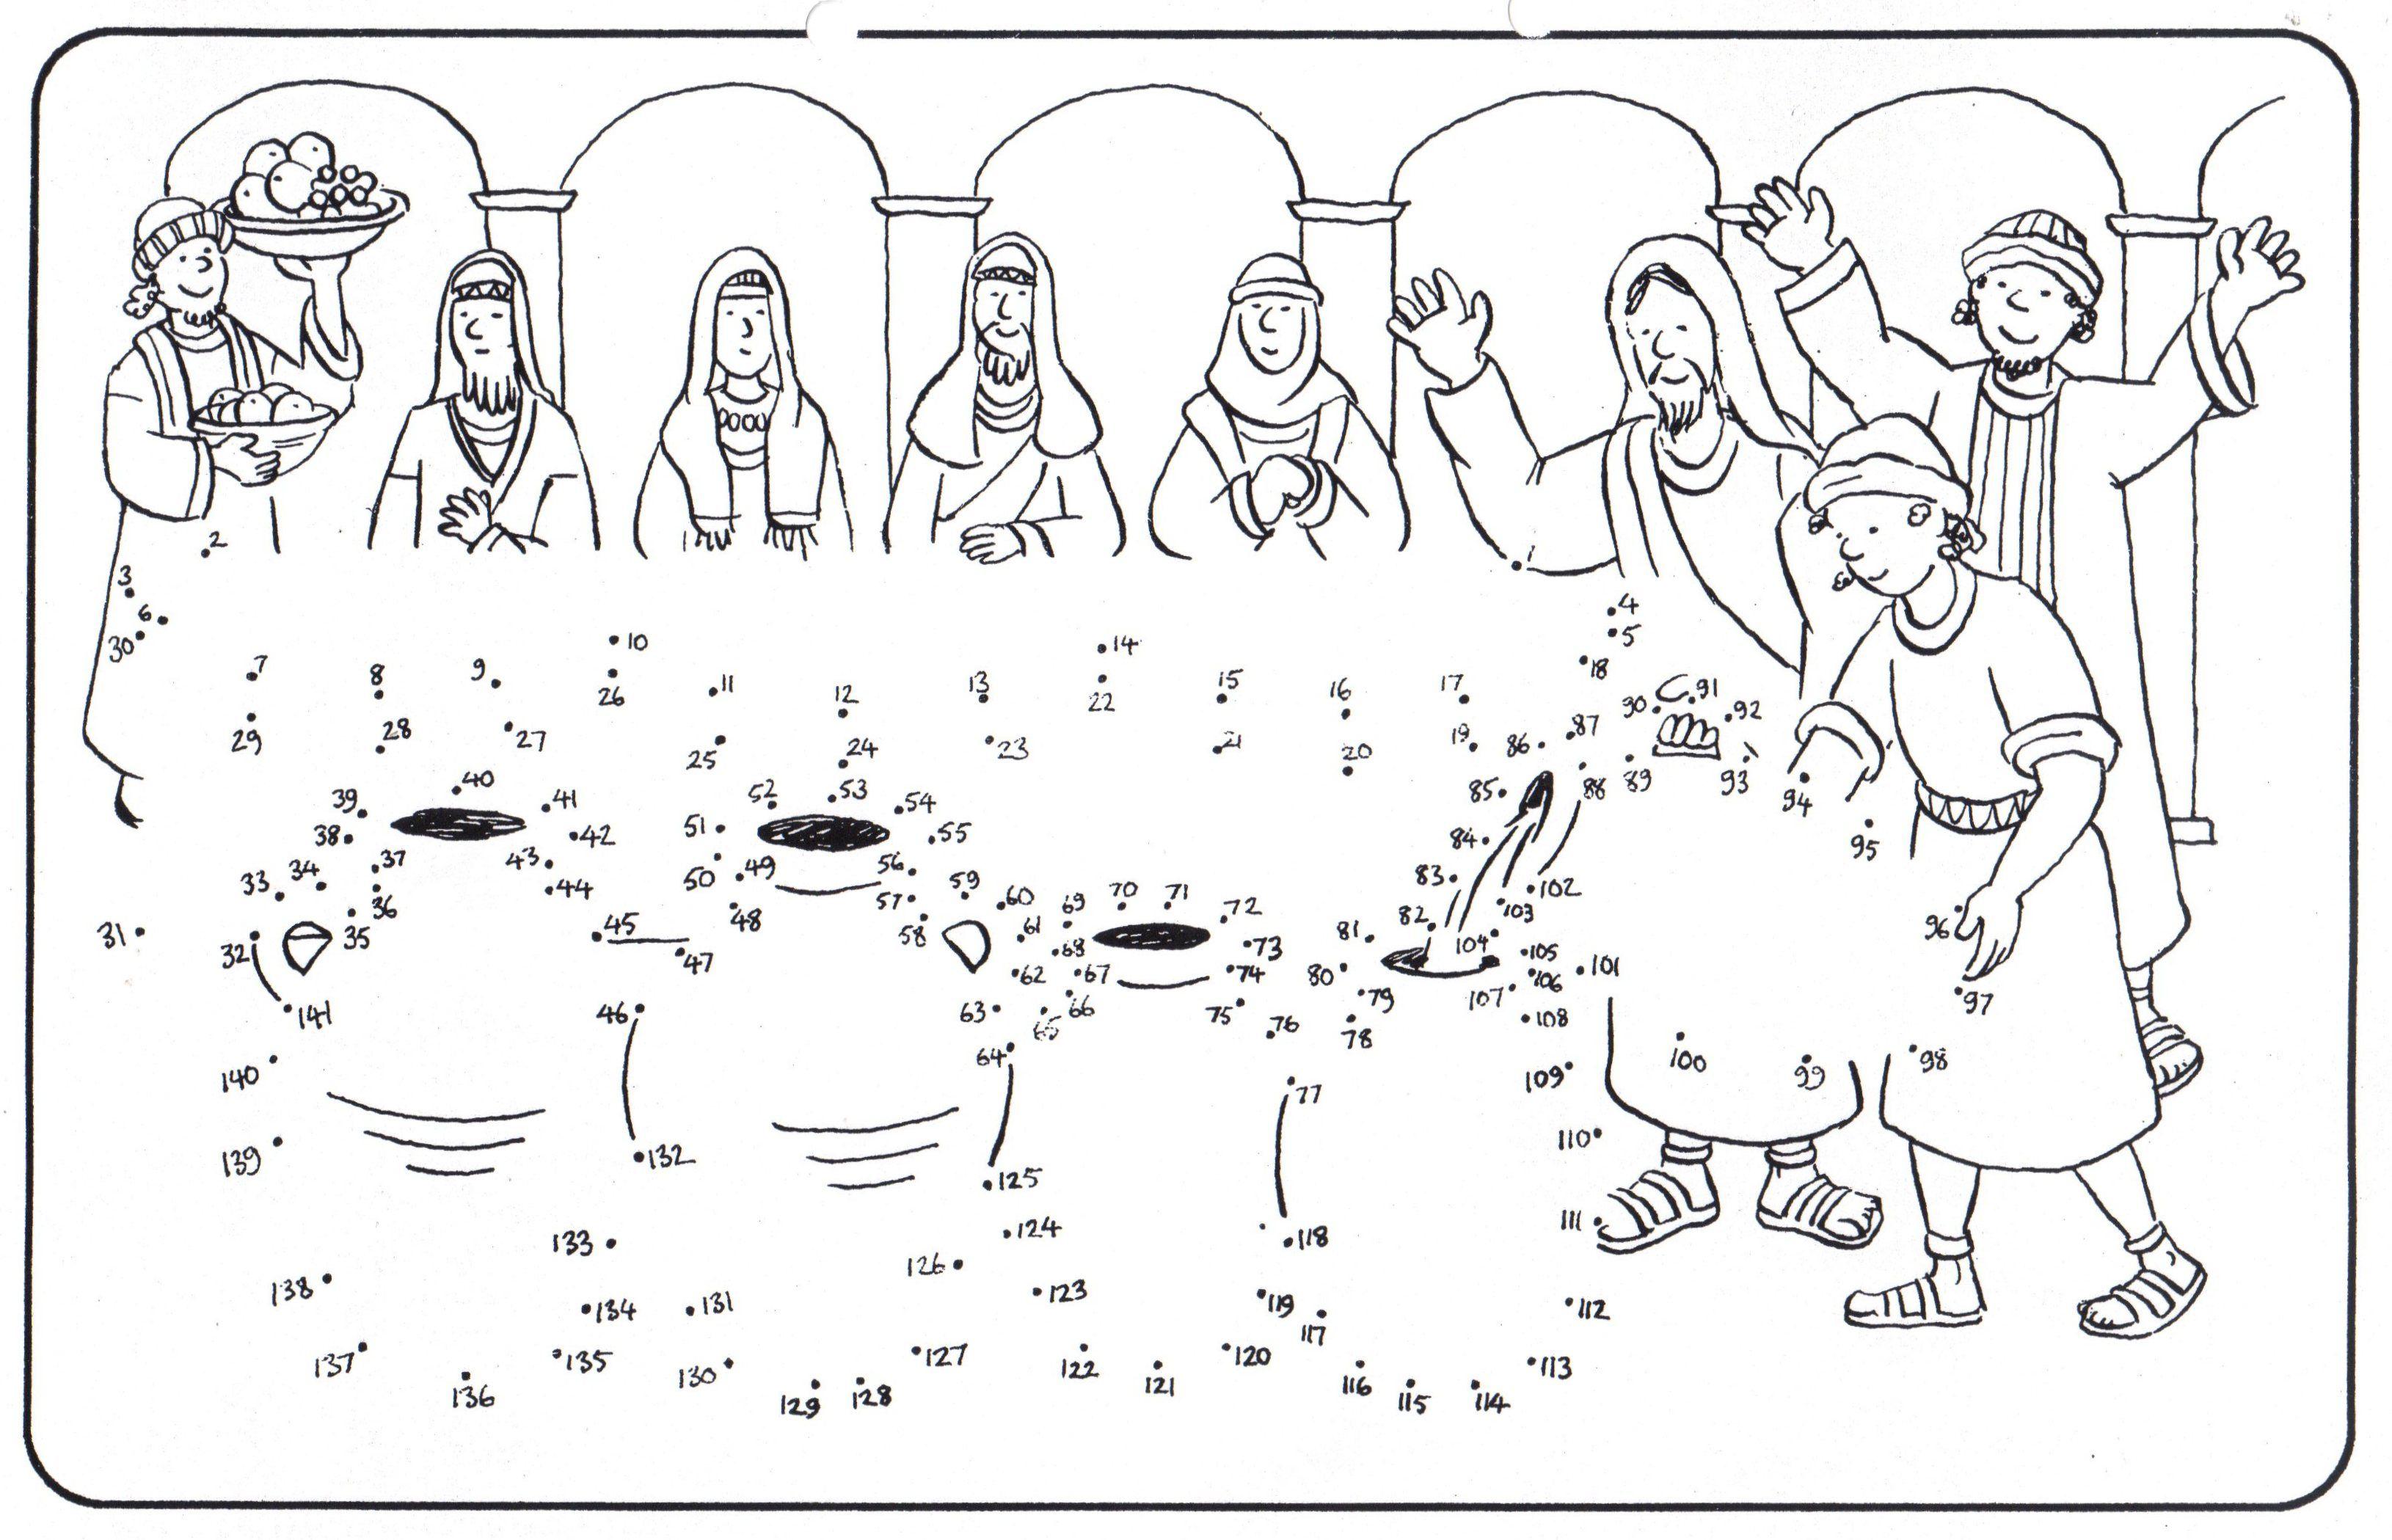 Bijbelse Kleurplaten Pasen.Mooi Bijbelse Kleurplaten Bruiloft Te Kana Klupaats Website